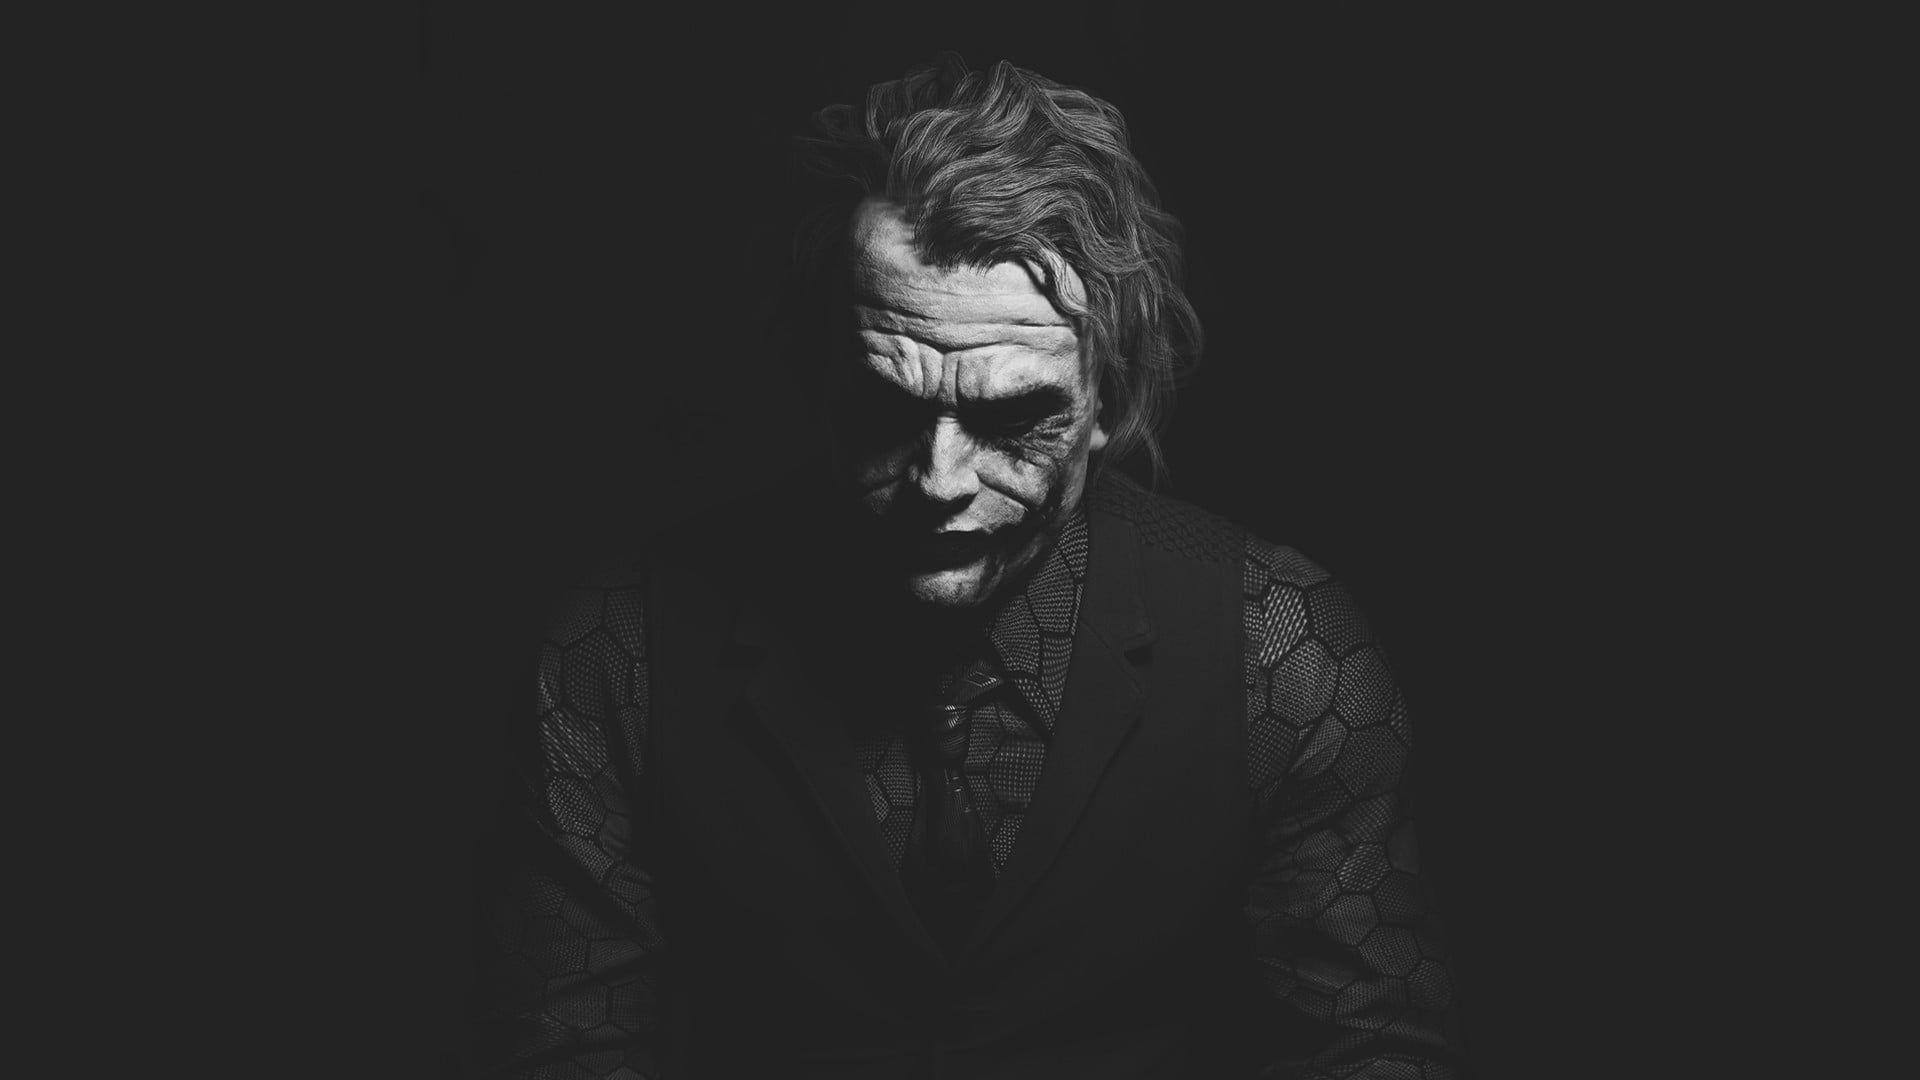 Joker Wallpaper Joker Heath Ledger Monochrome Dark 1080p Wallpaper Hdwallpaper Desktop Black Wallpaper Iphone Dark Joker Background Joker Hd Wallpaper Dark theme 1080p joker hd mobile